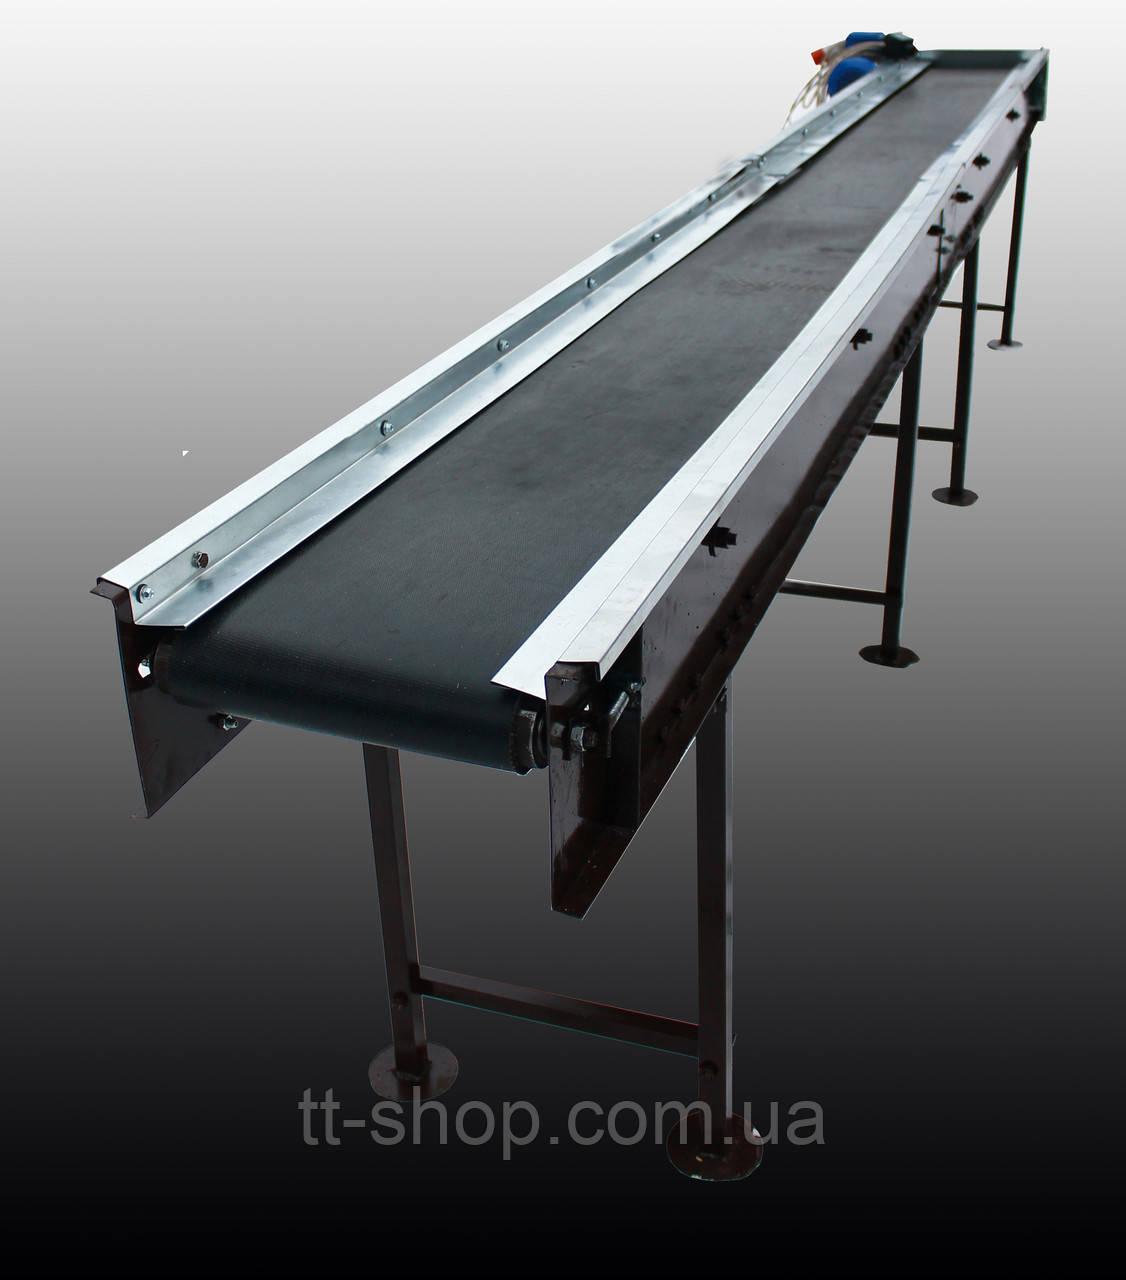 Стрічковий конвеєр довжиною 1 м, ширина стрічки 1000 мм